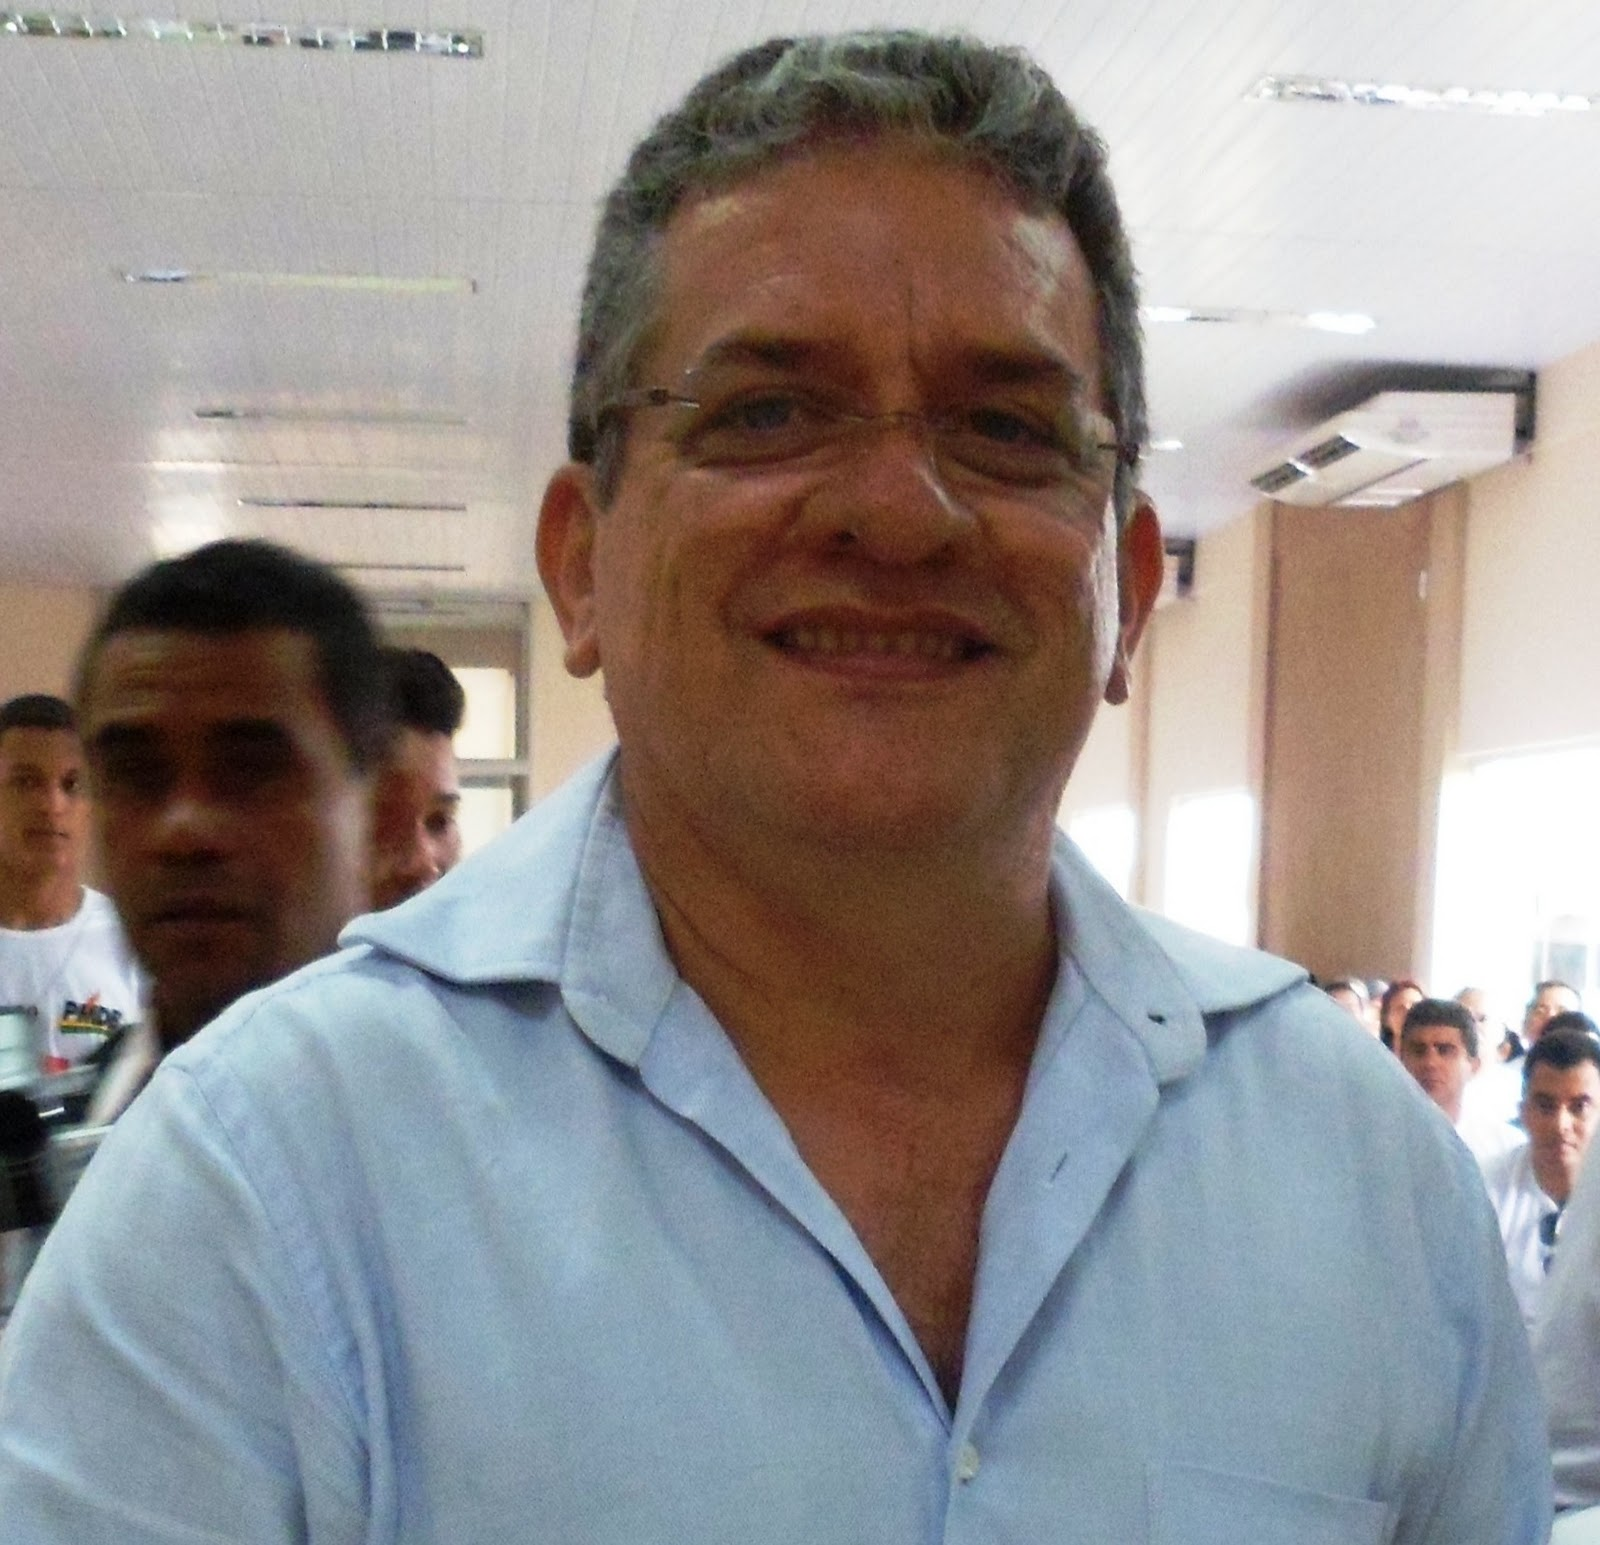 Roque Prtela